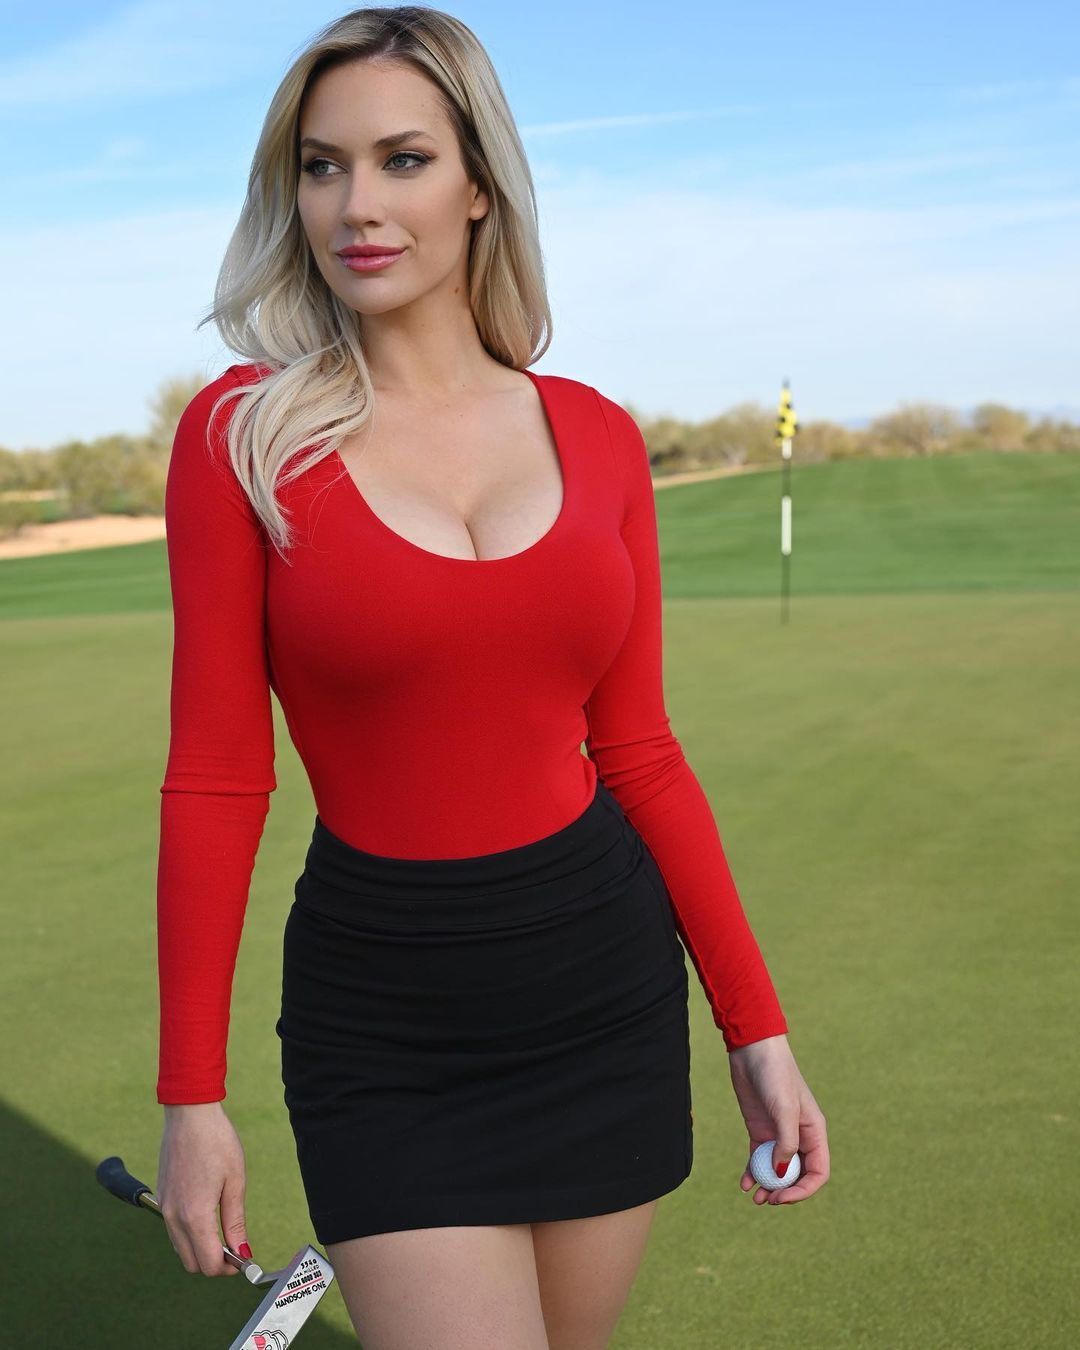 Paige Spiranac 9